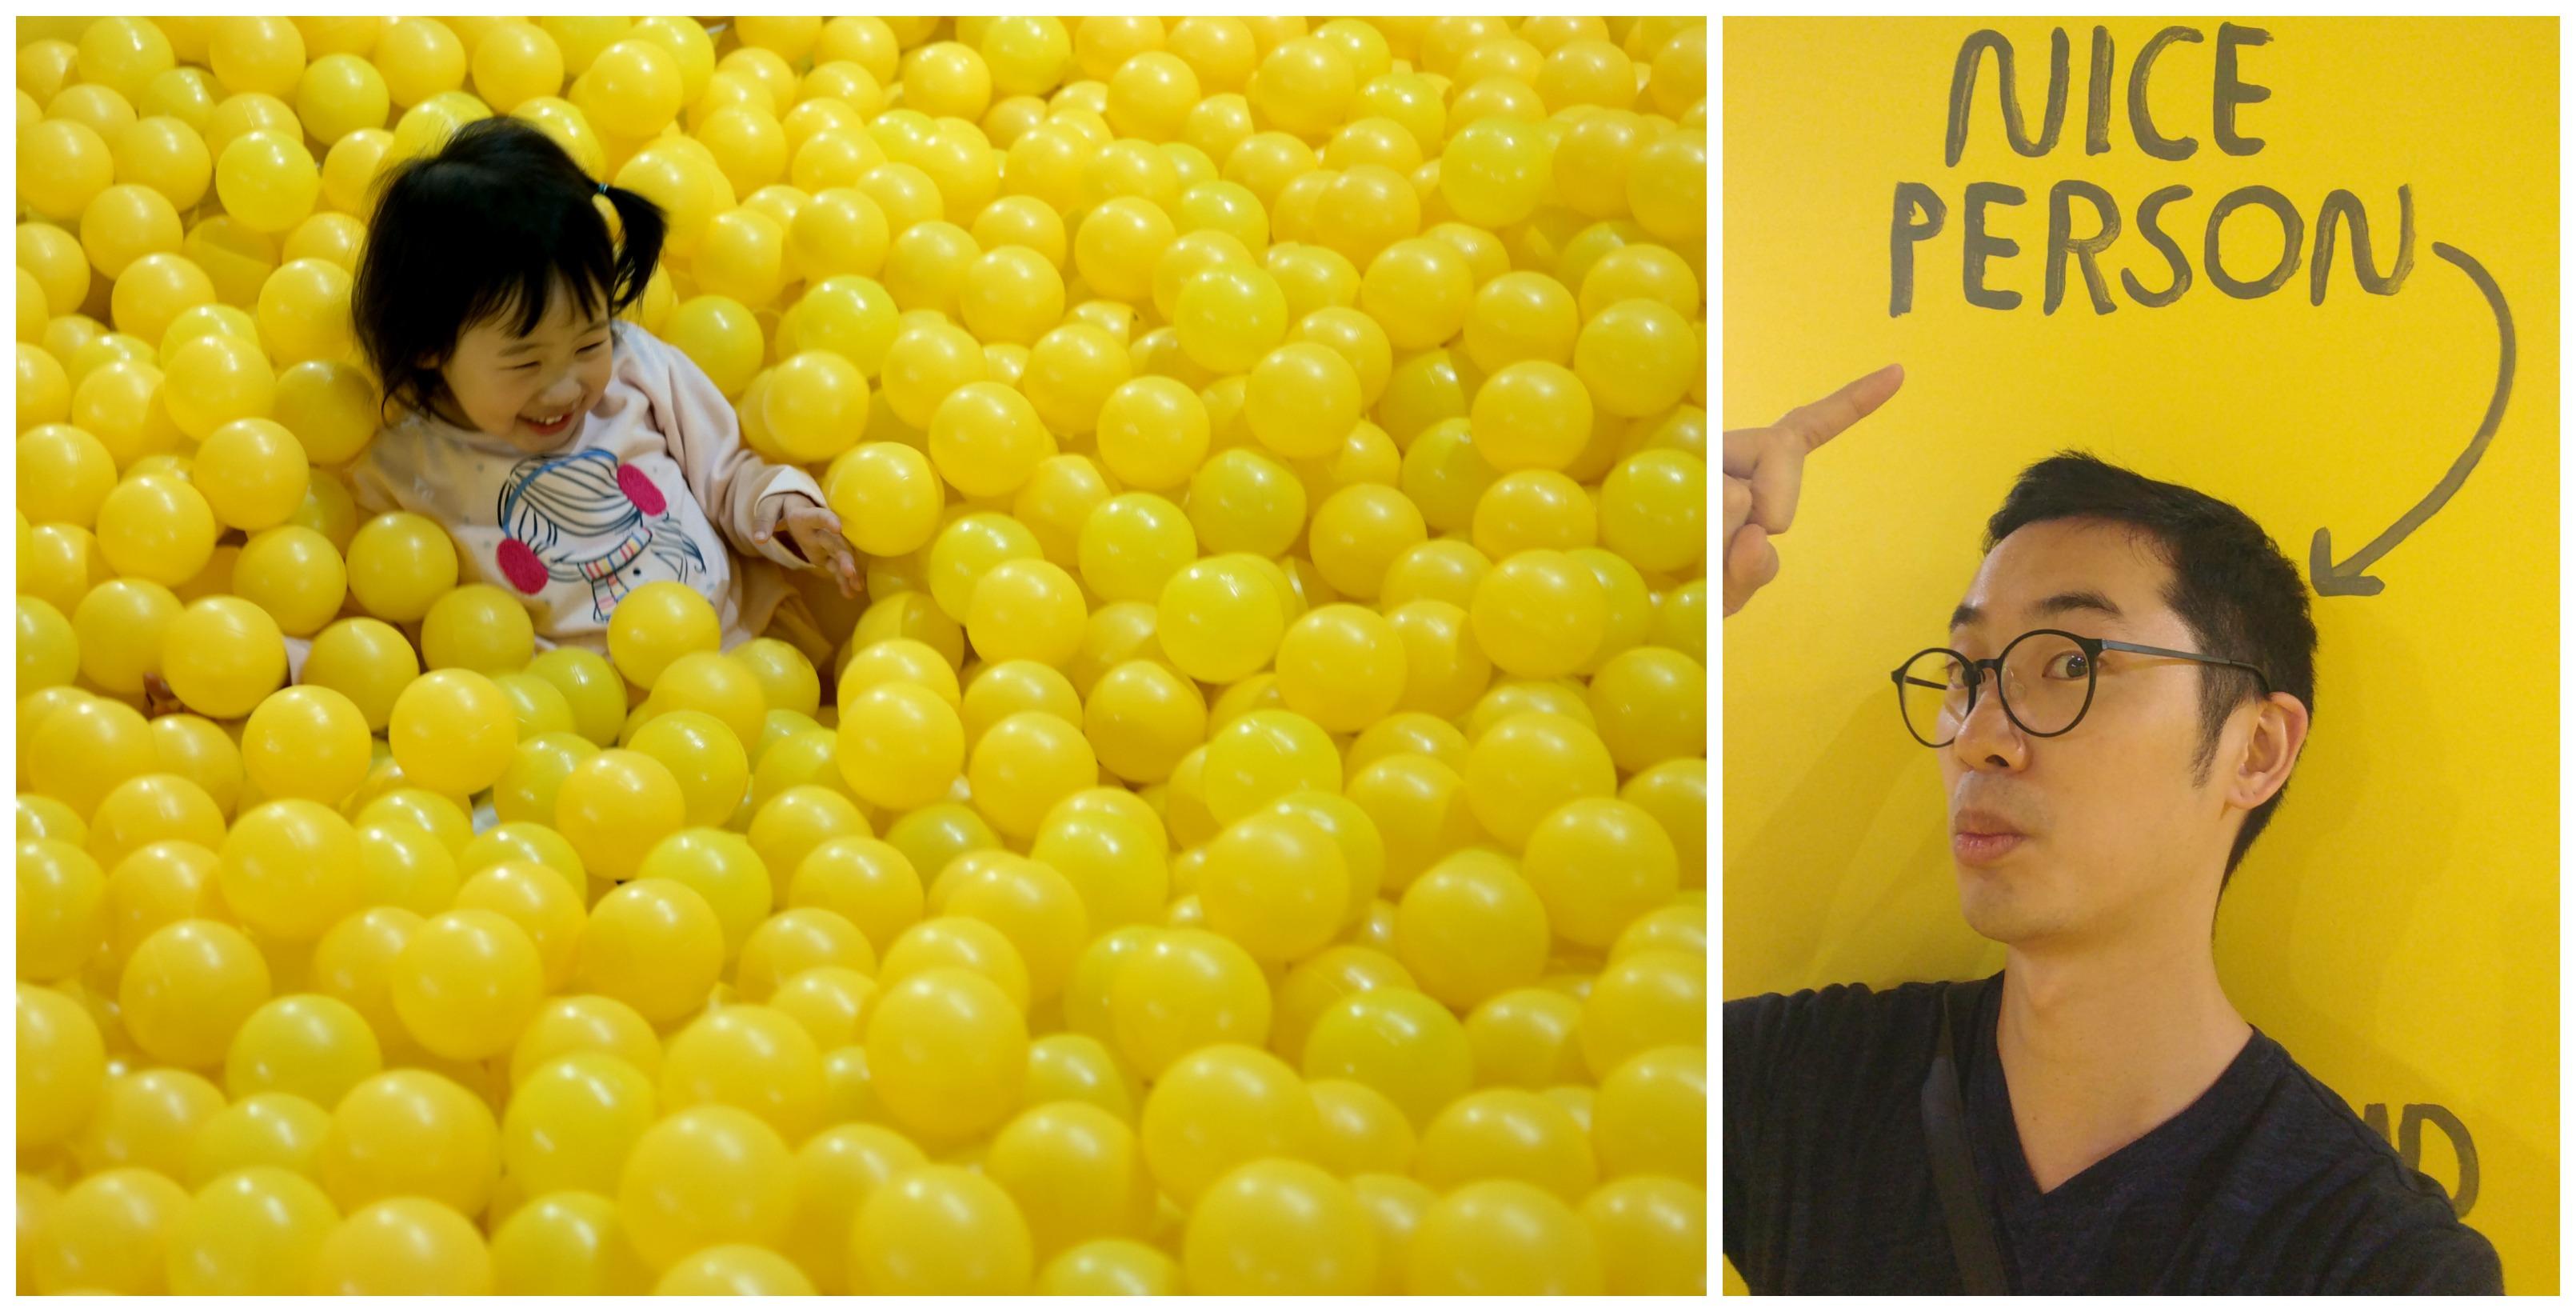 수천 개의 노란 공으로 가득한 노란색 방